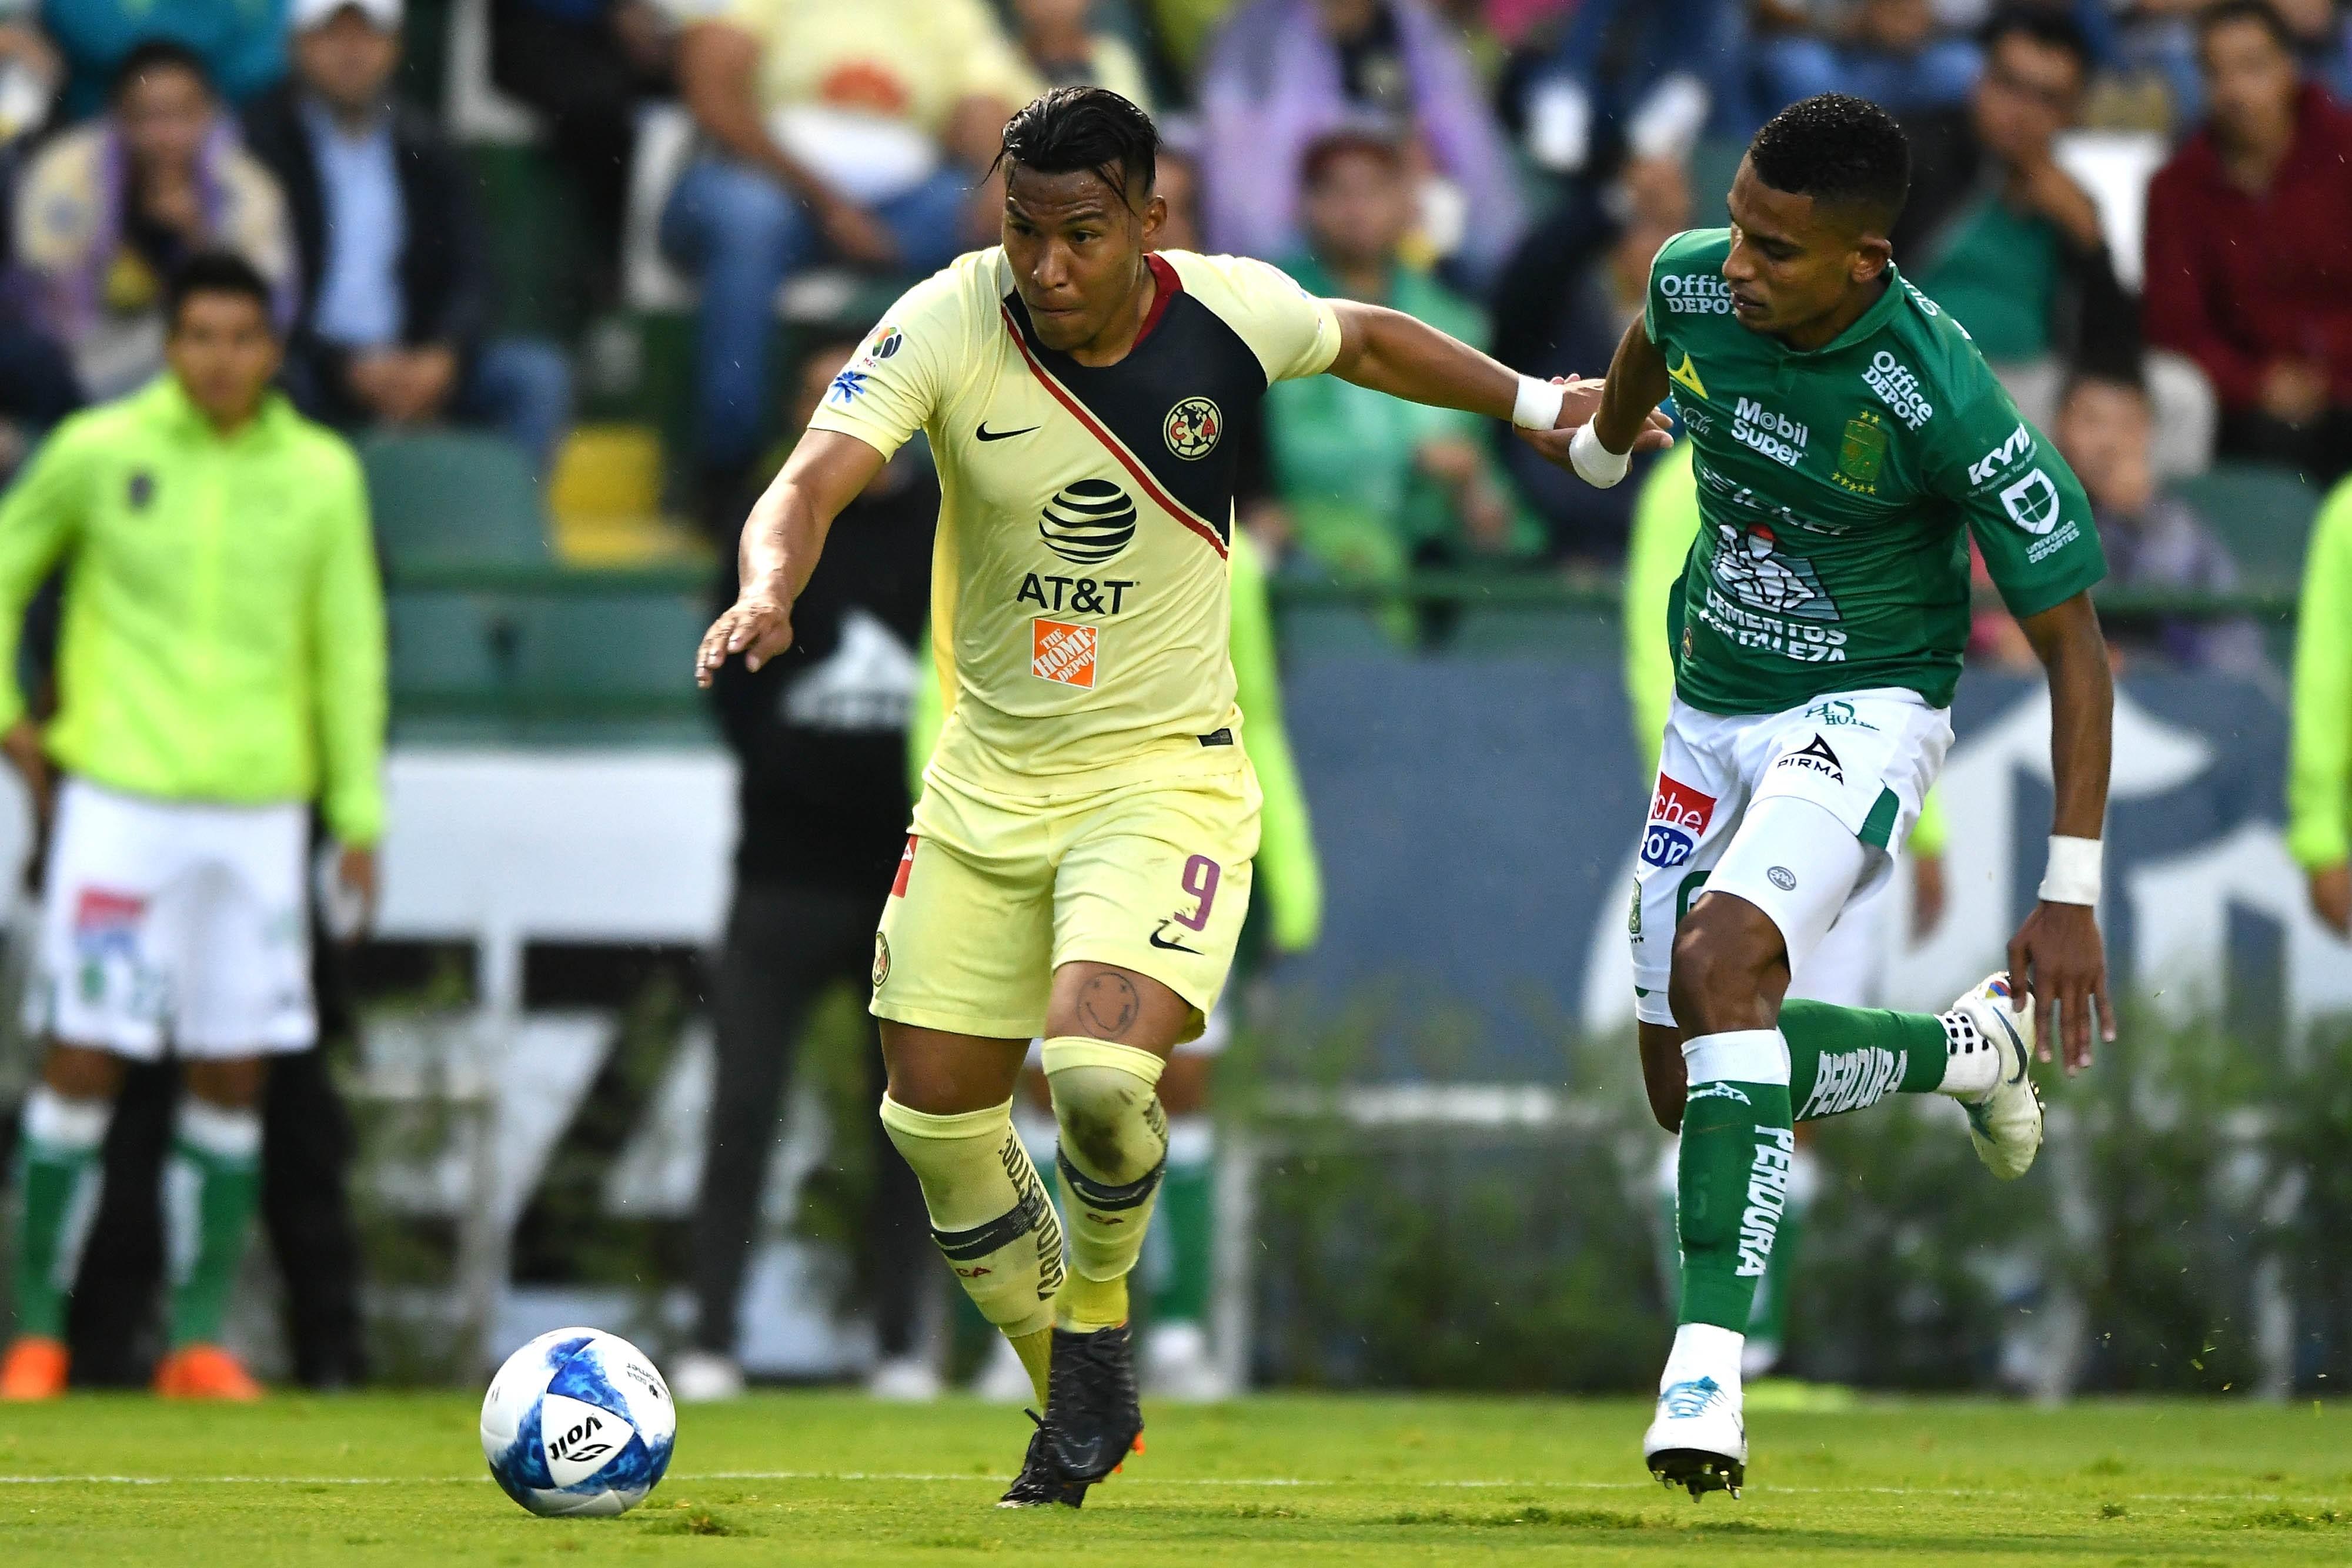 Calendario Apertura 2019-2020 Liga Mx Más Recientemente Liberado D³nde Ver América Vs Le³n